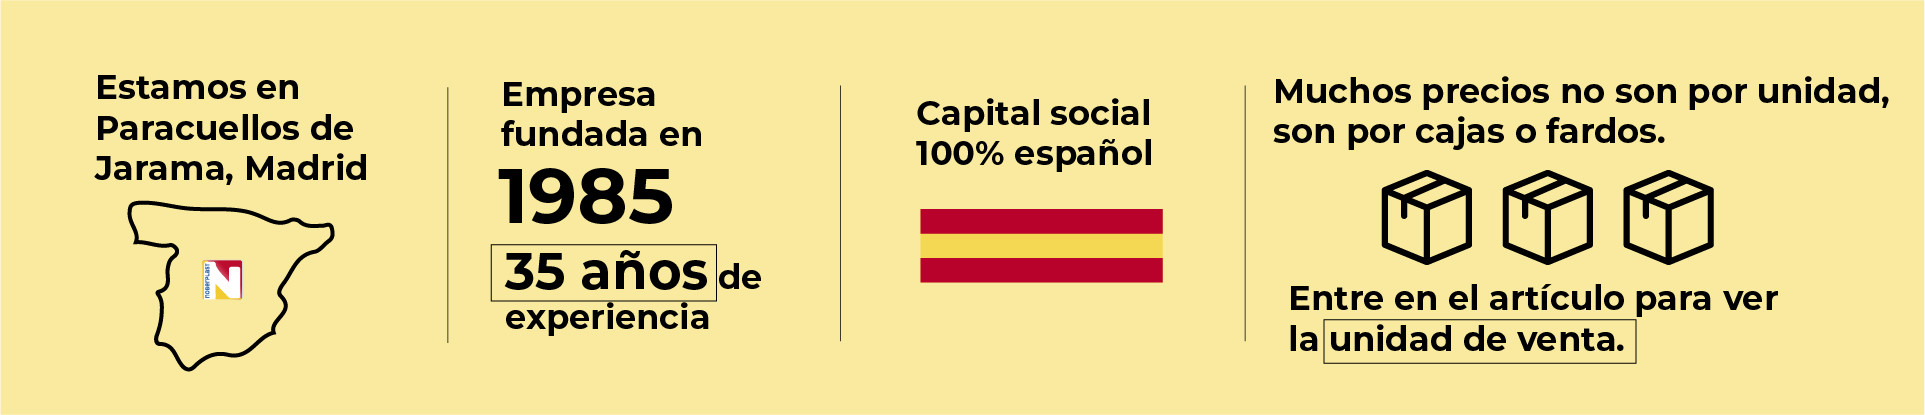 Productos de calidad, empresa española con 35 años de experiencia.